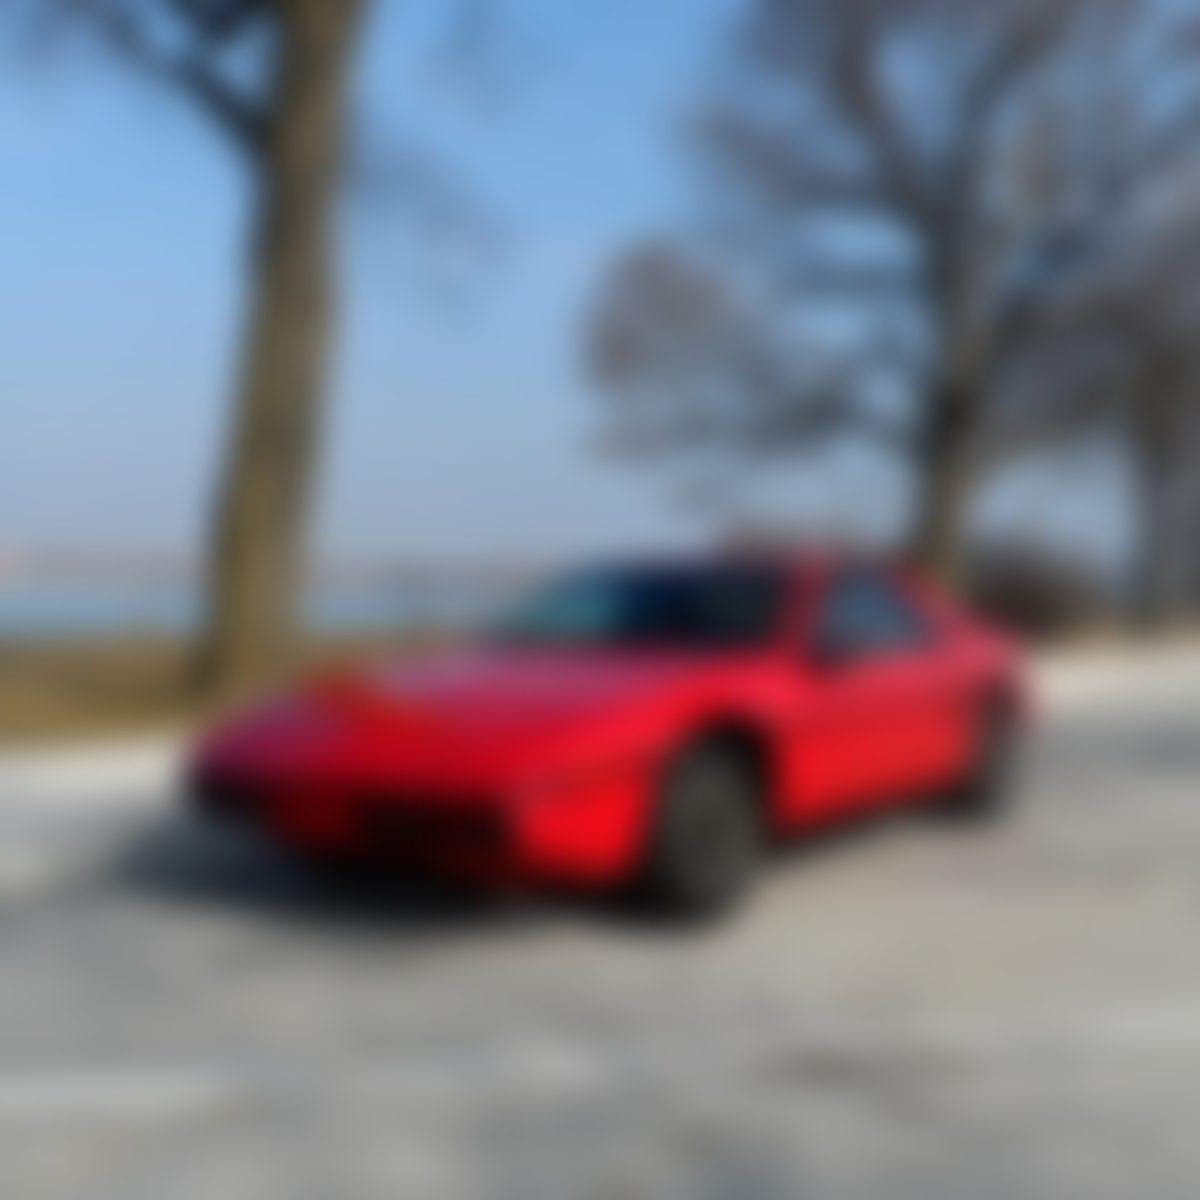 1984 Pontiac Fiero (Red)